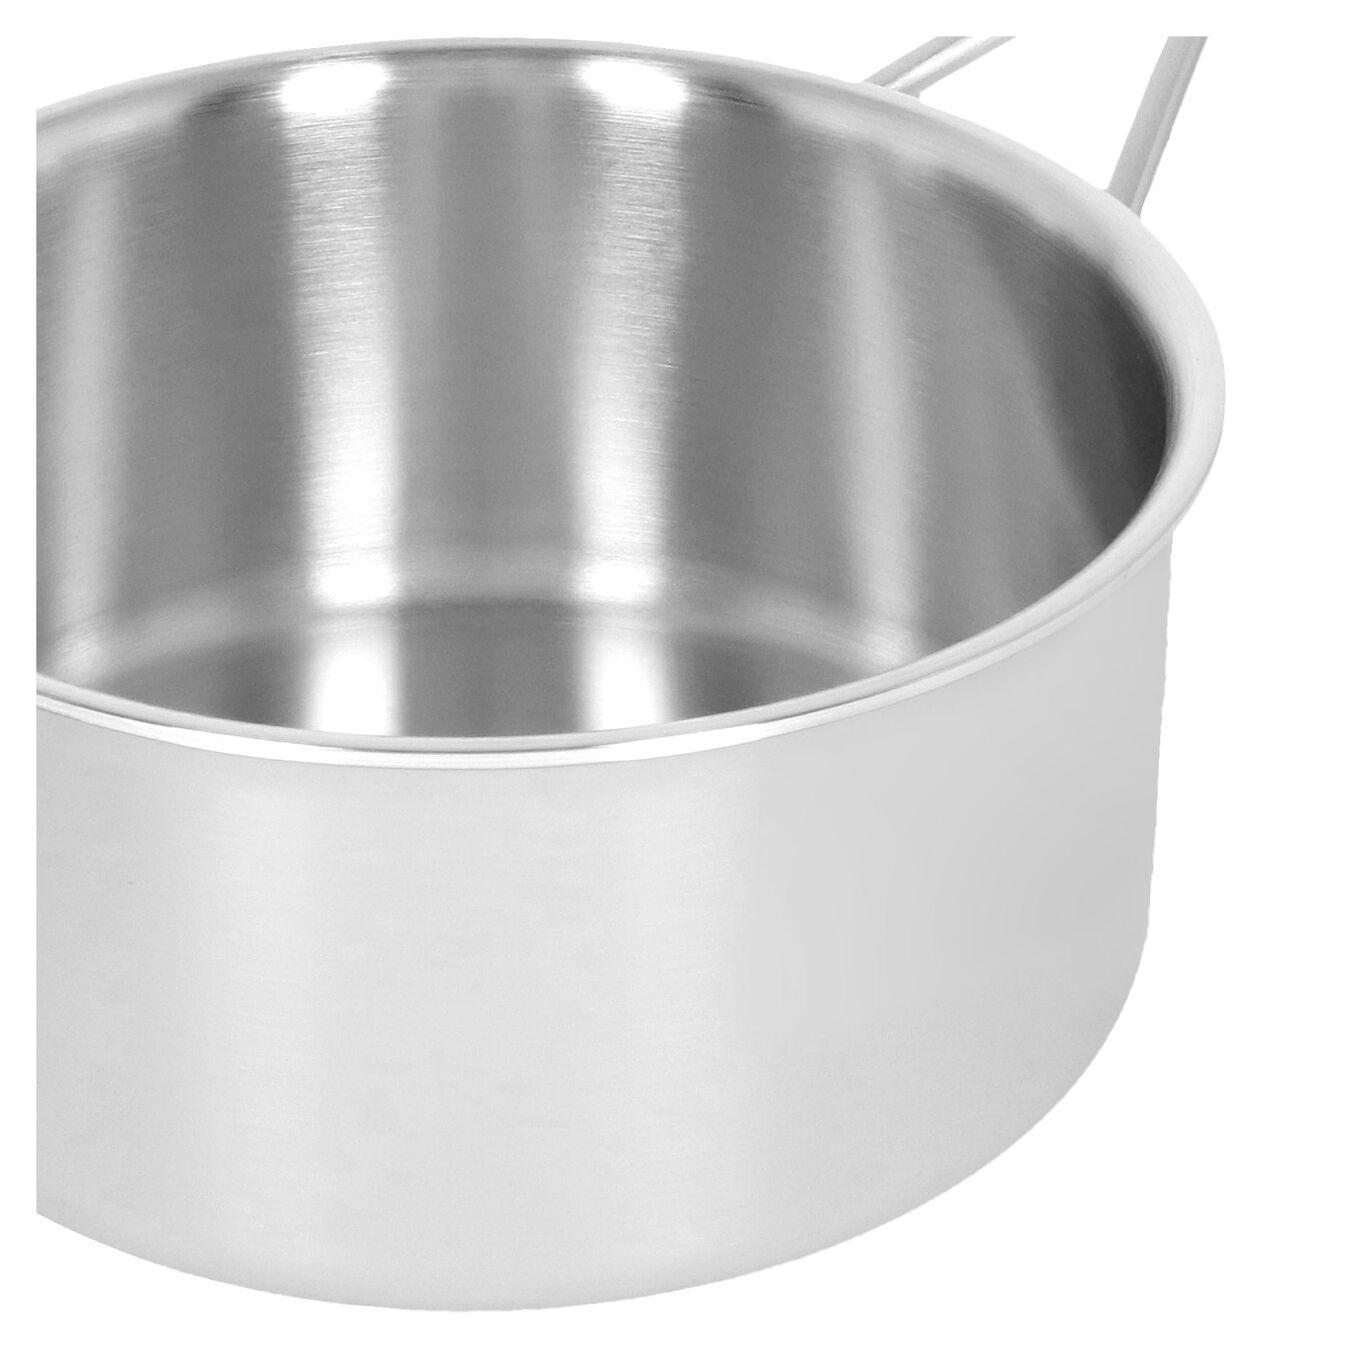 Kasserolle Med låg 20 cm, 18/10 rustfrit stål,,large 5